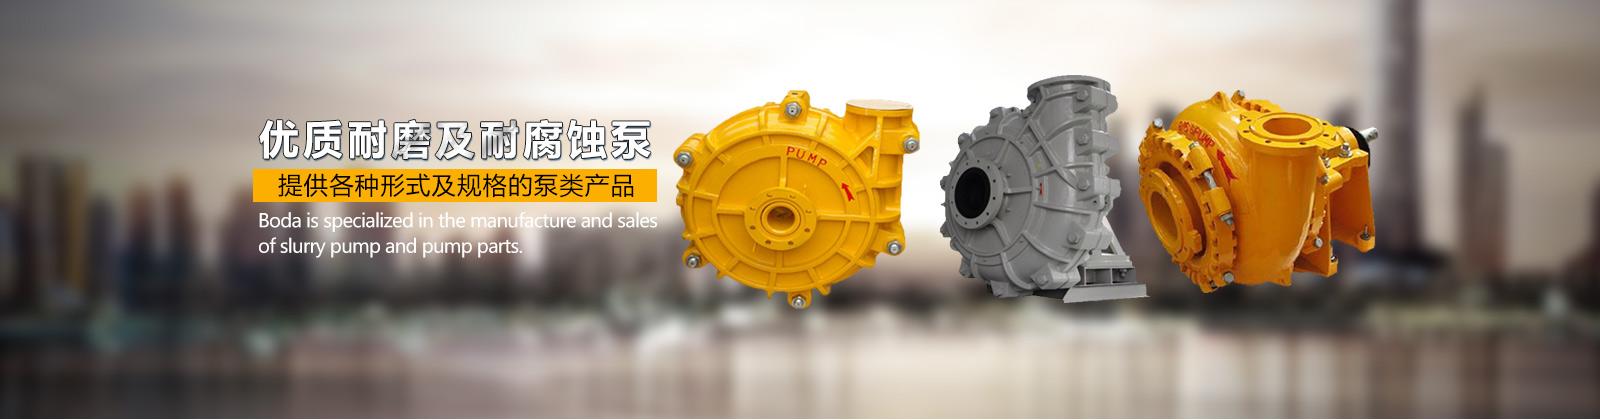 脱硫泵产品